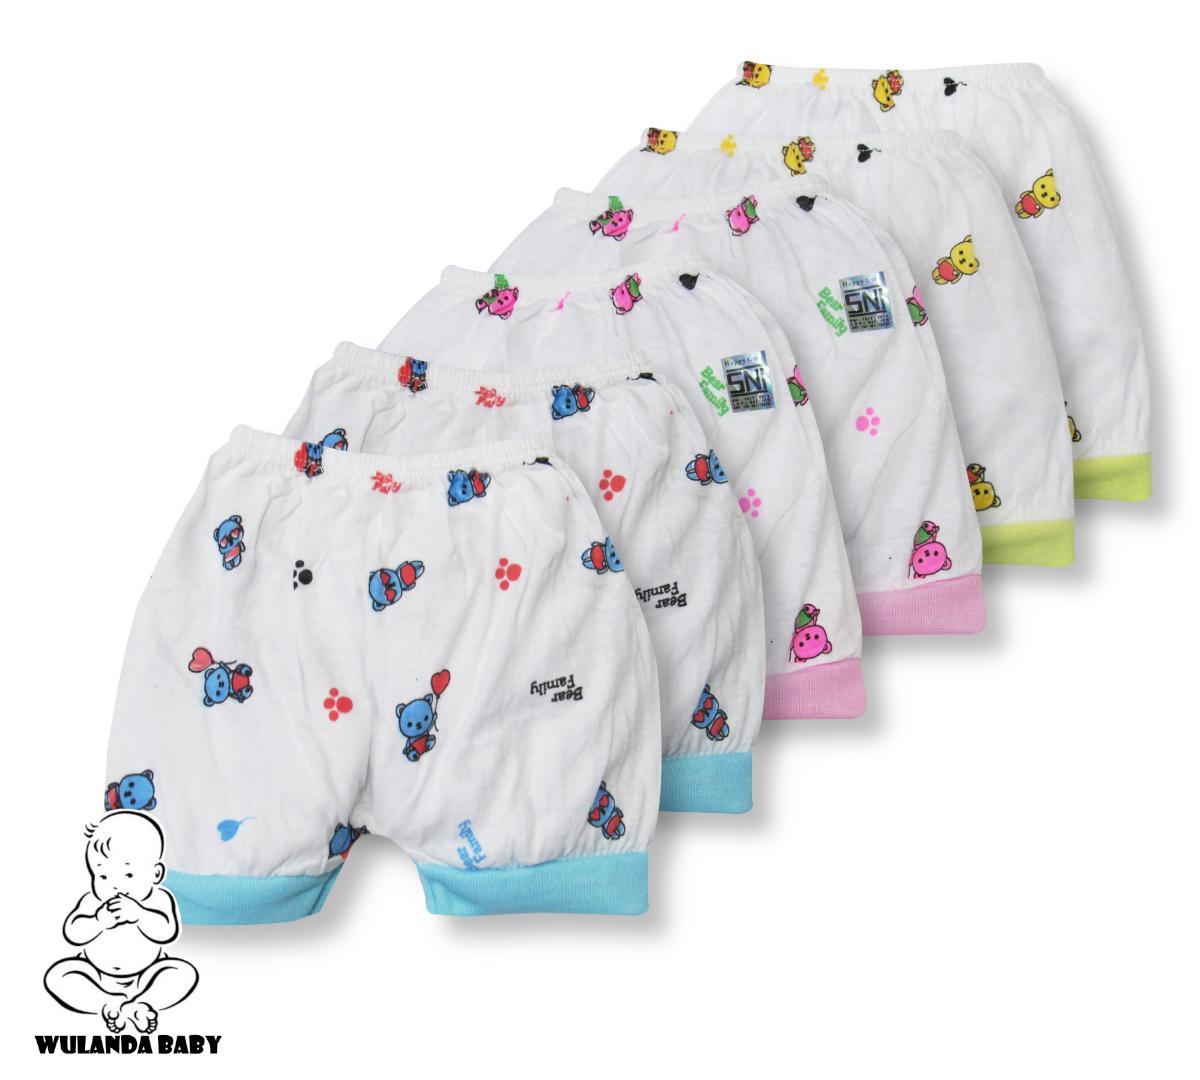 Wulanda 6 Pcs Celana Pendek Anak Bayi Laki Laki Dan Perempuan Segi Empat Kotak Baby Lucky By Wulanda Baby.